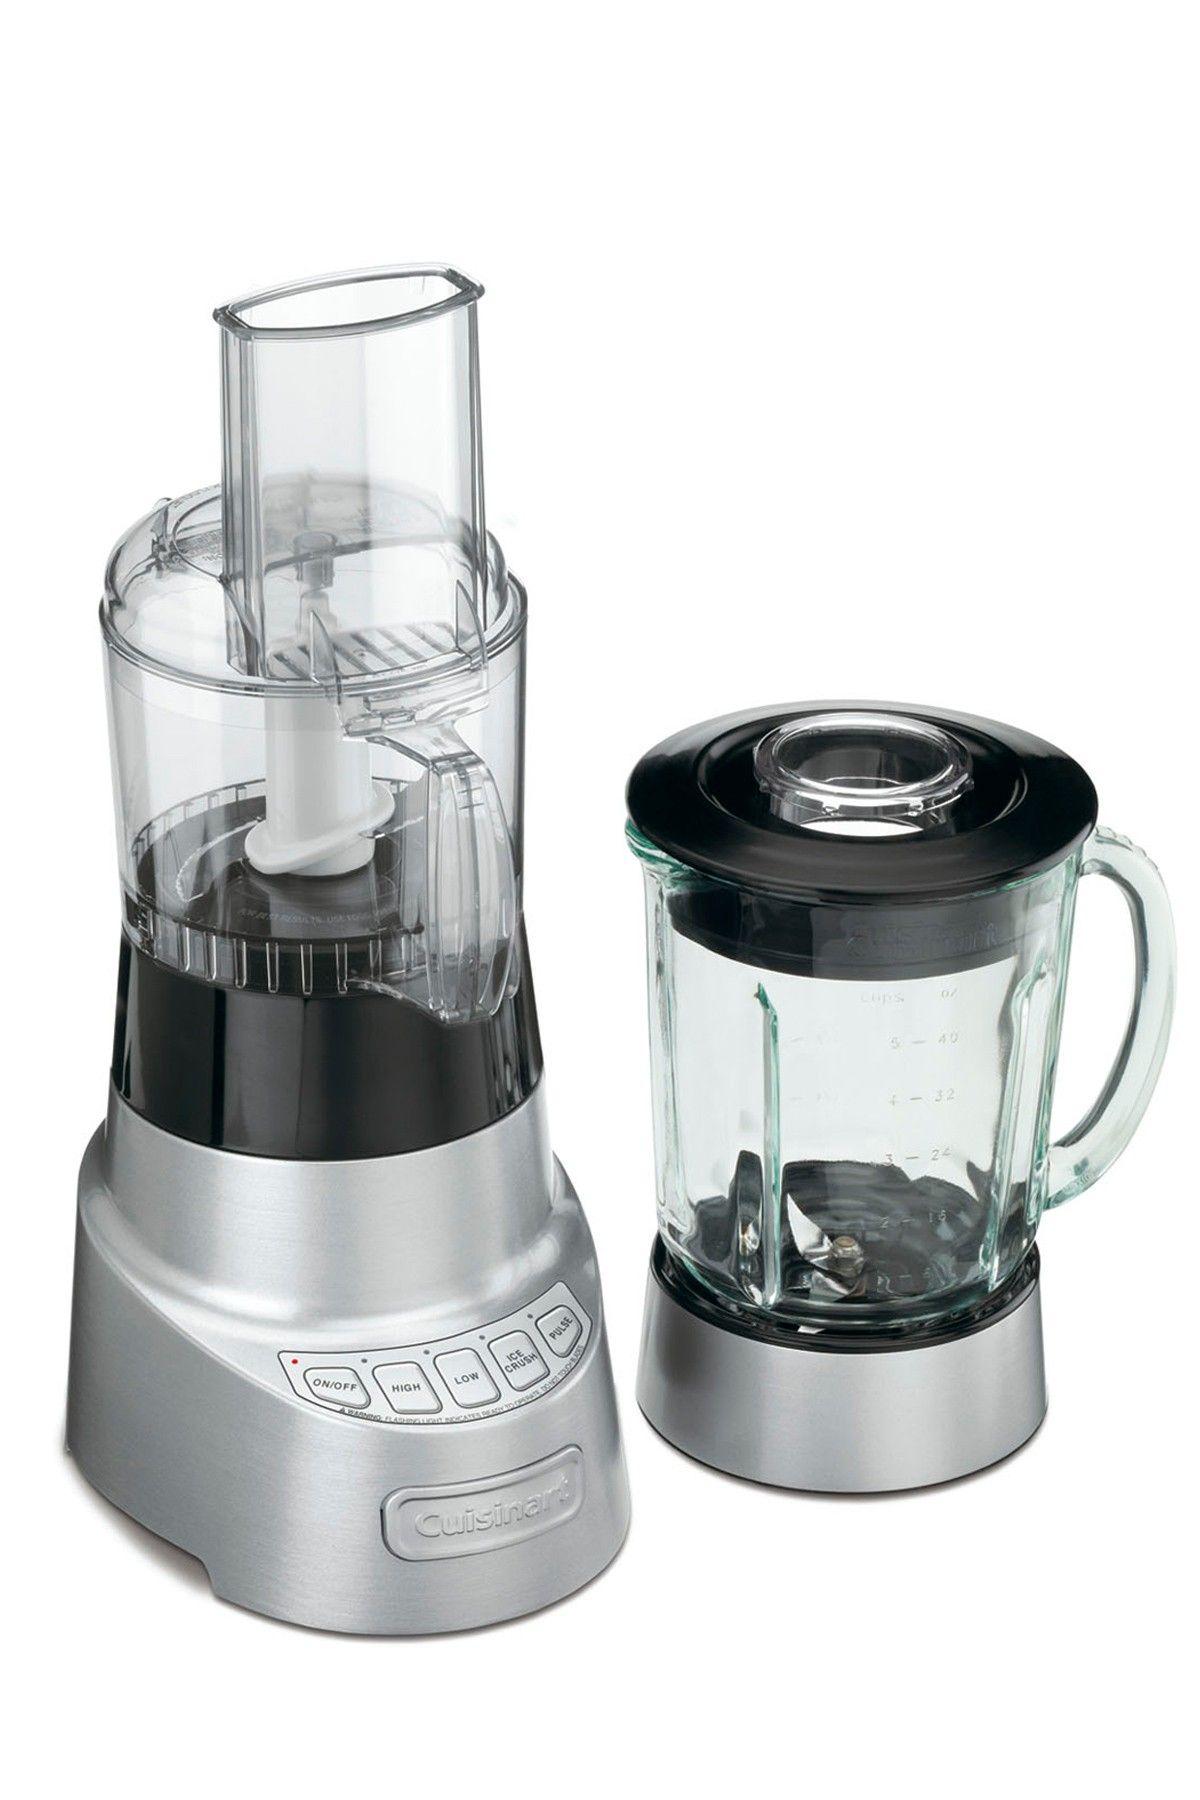 Cuisinart Smartpower Deluxe Duet Blender Food Processor Kitchen Necessities Food Processor Recipes Blender Food Processor